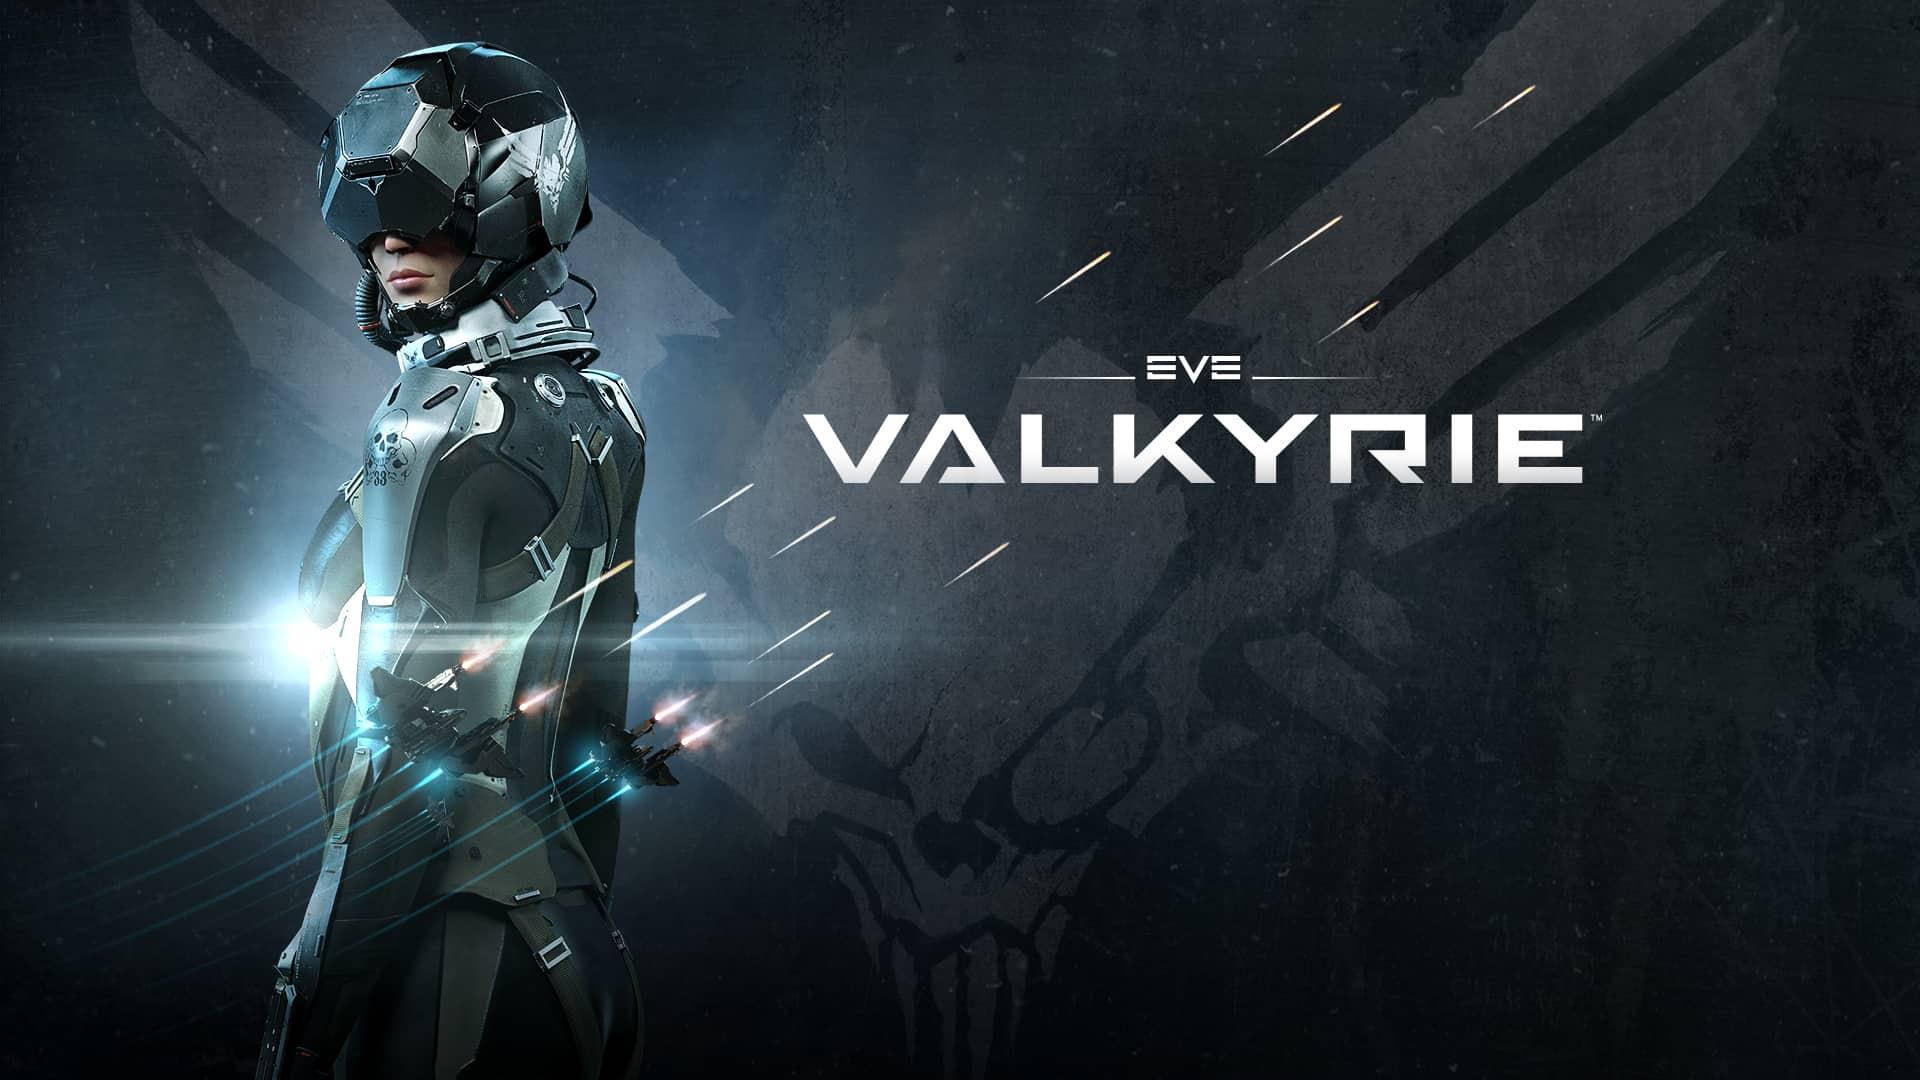 EVE Valkyrie hotas - Nuovo ambizioso MMORPG in sviluppo da CCP Games